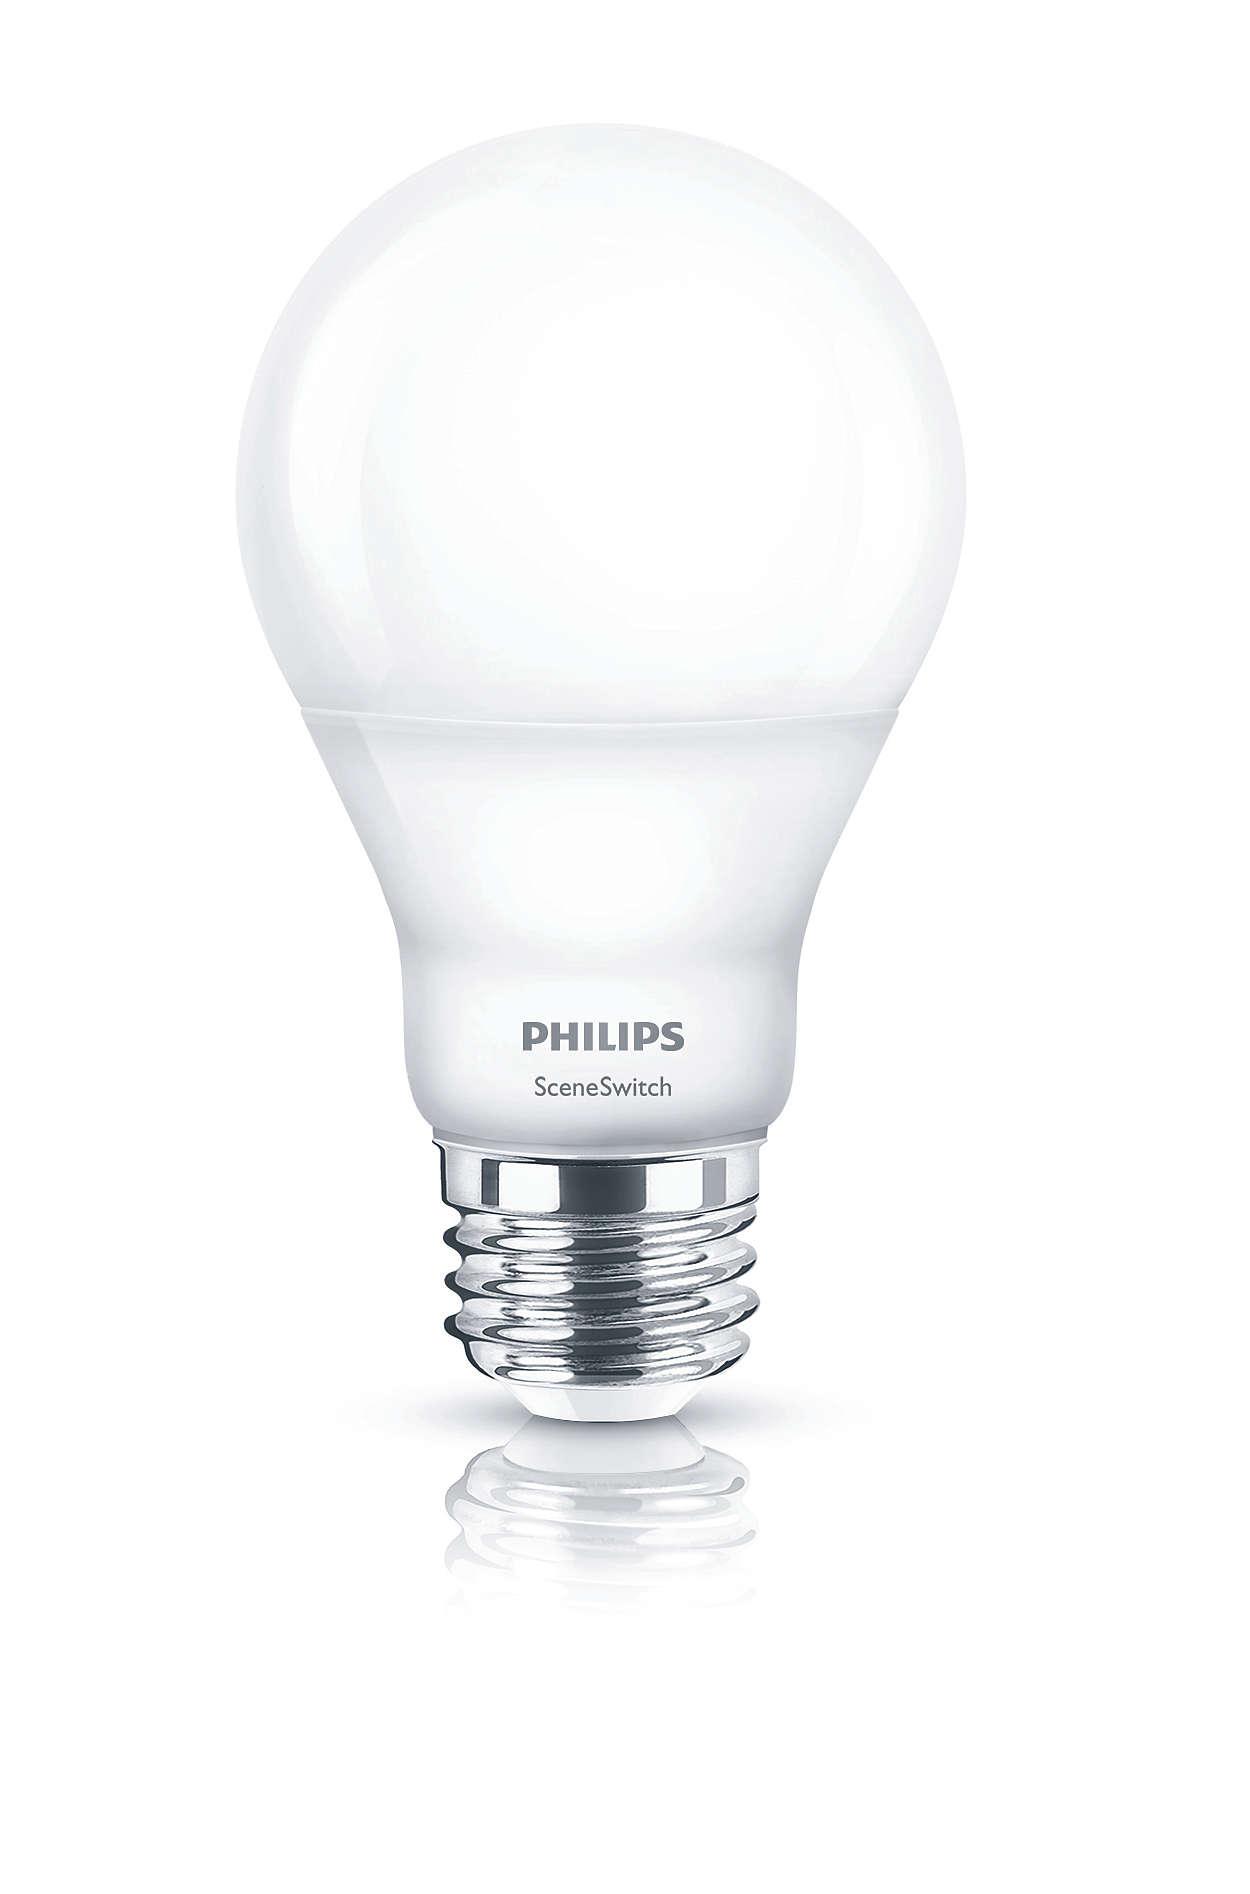 Luminaires à DEL offrant une lumière éclatante de qualité